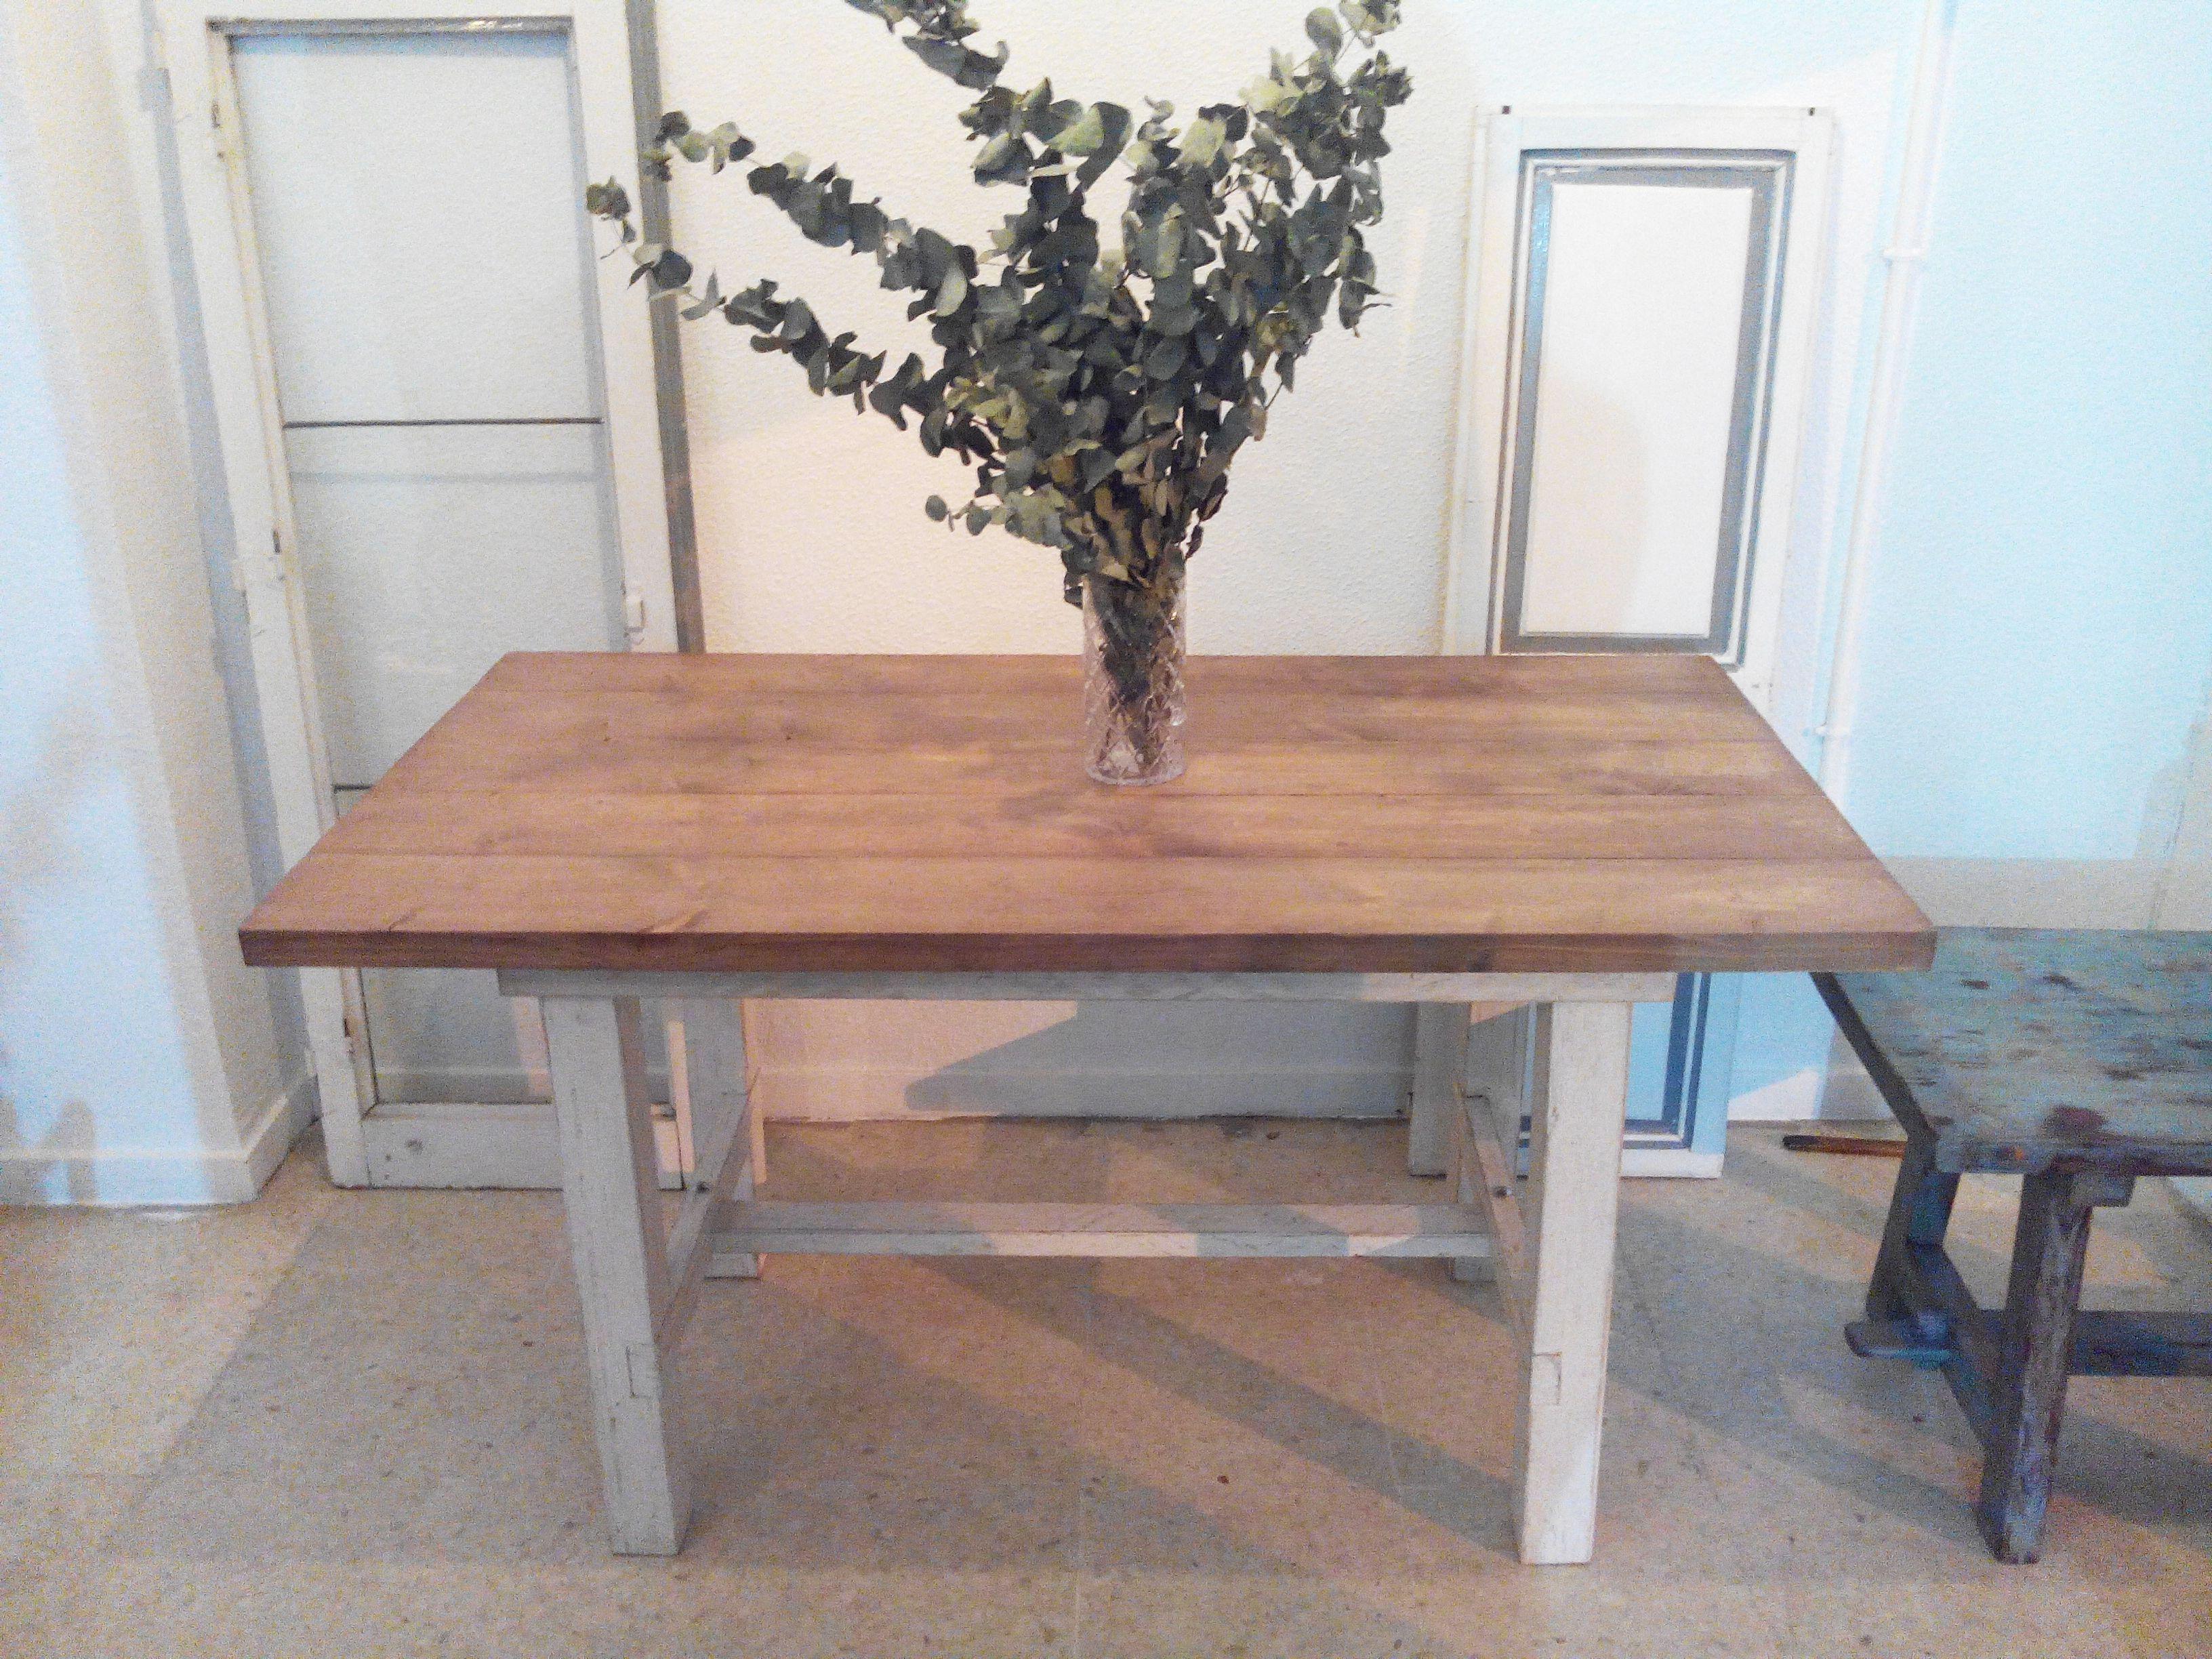 MESA DE COMEDOR COUNTRY Mesa de comedor o de cocina hecha con madera ...